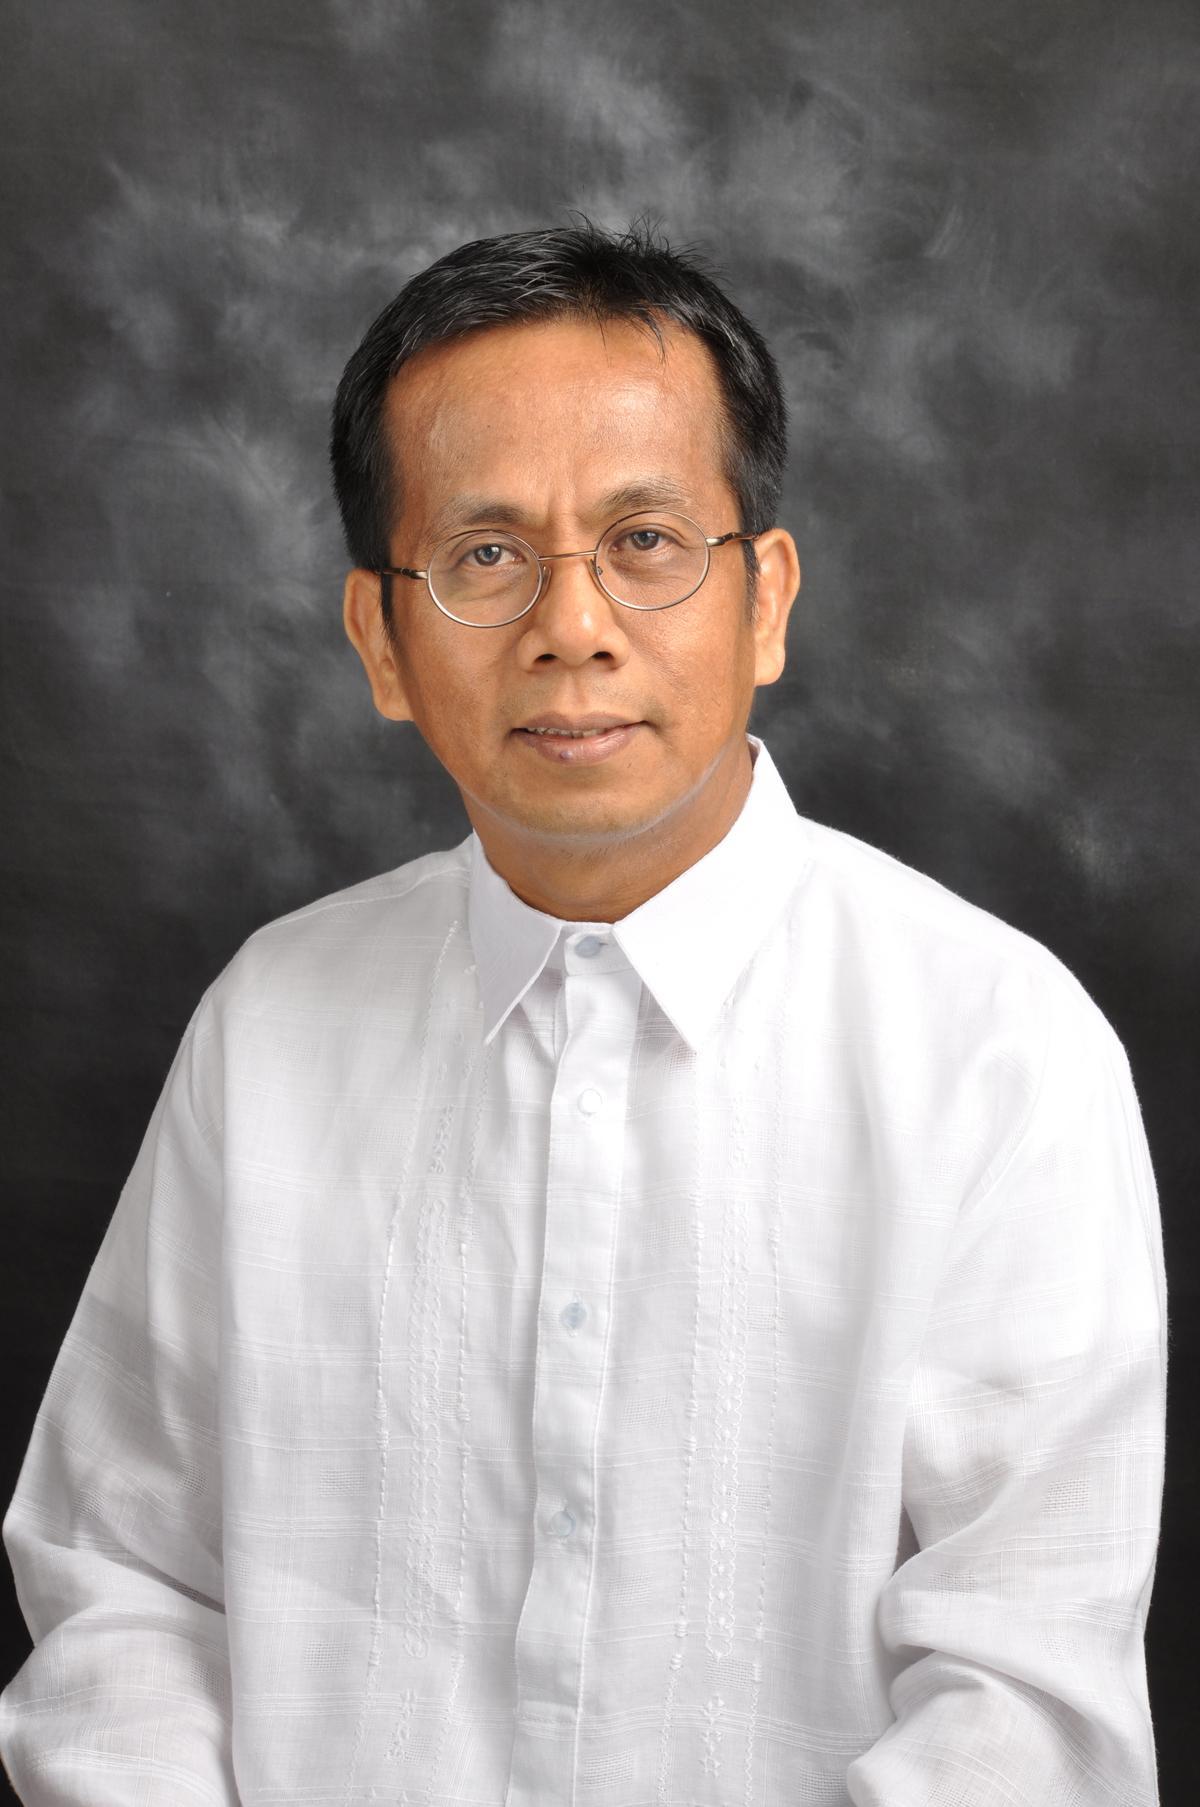 Arsenio Balisacan Mnoa Economics alumnus named top economist in the